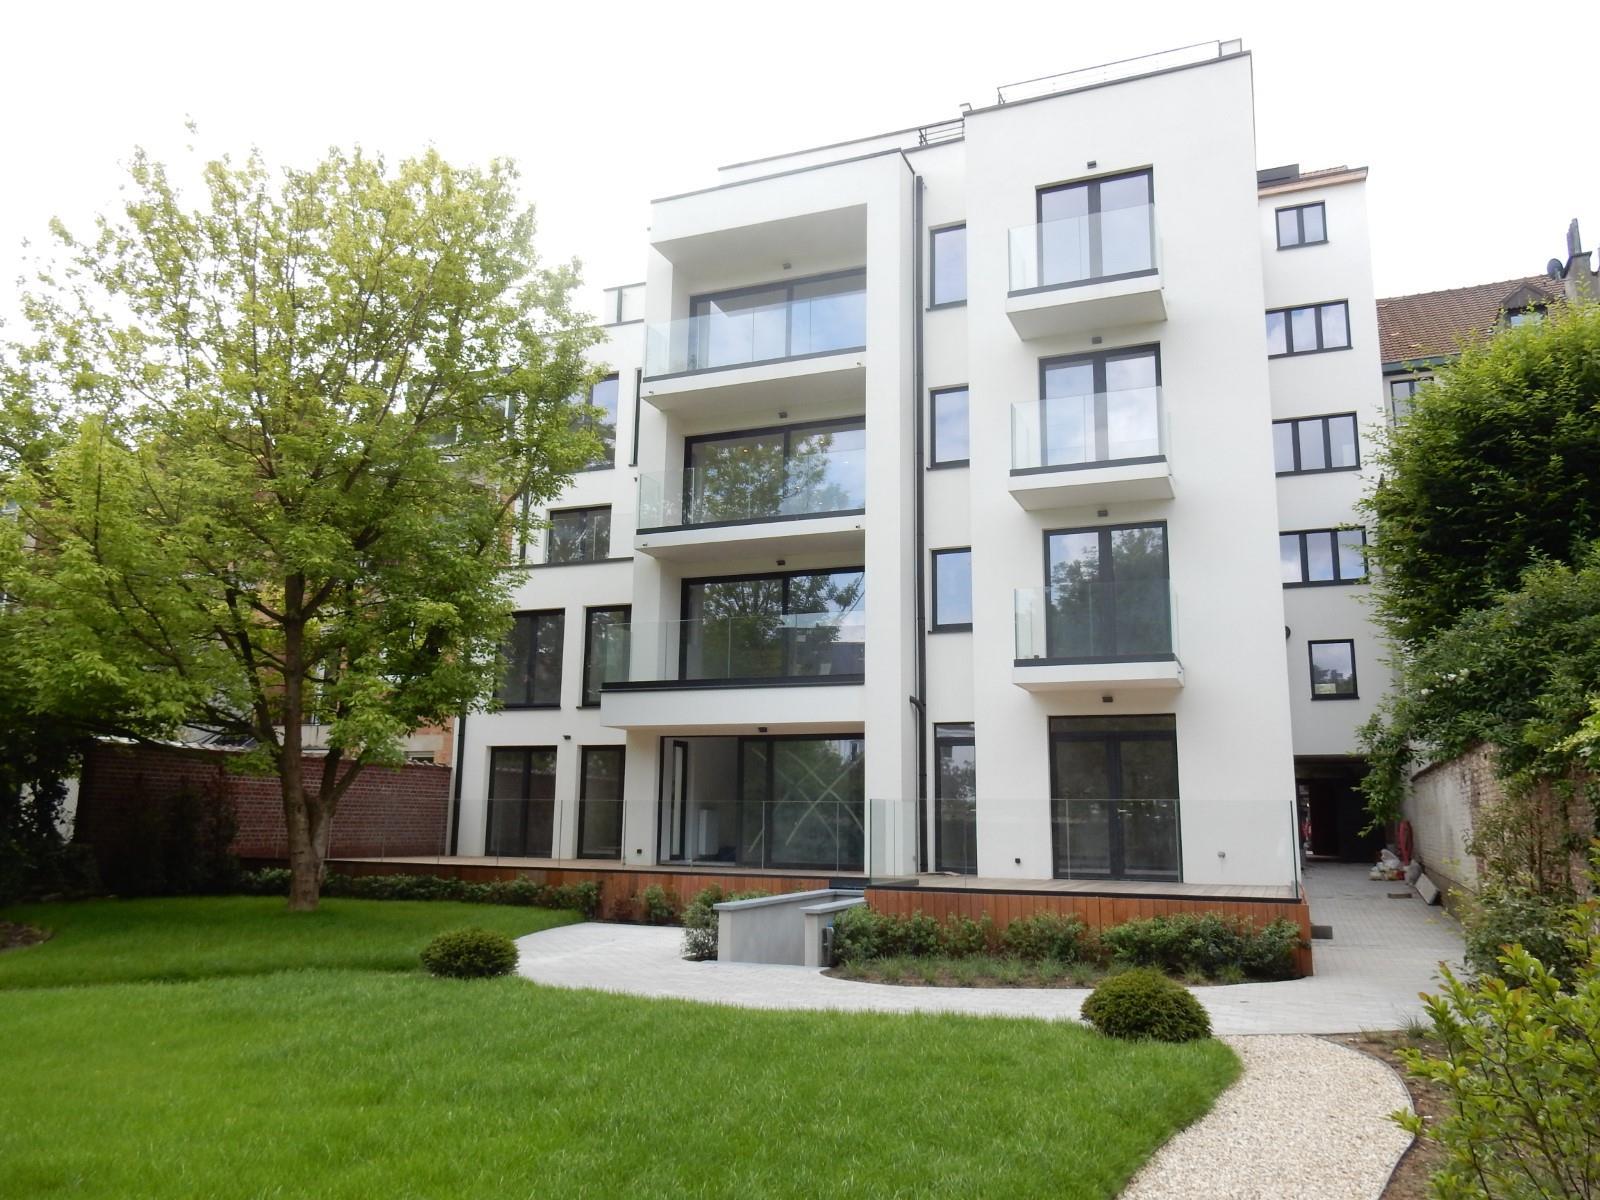 Appartement exceptionnel - Ixelles - #3918742-15